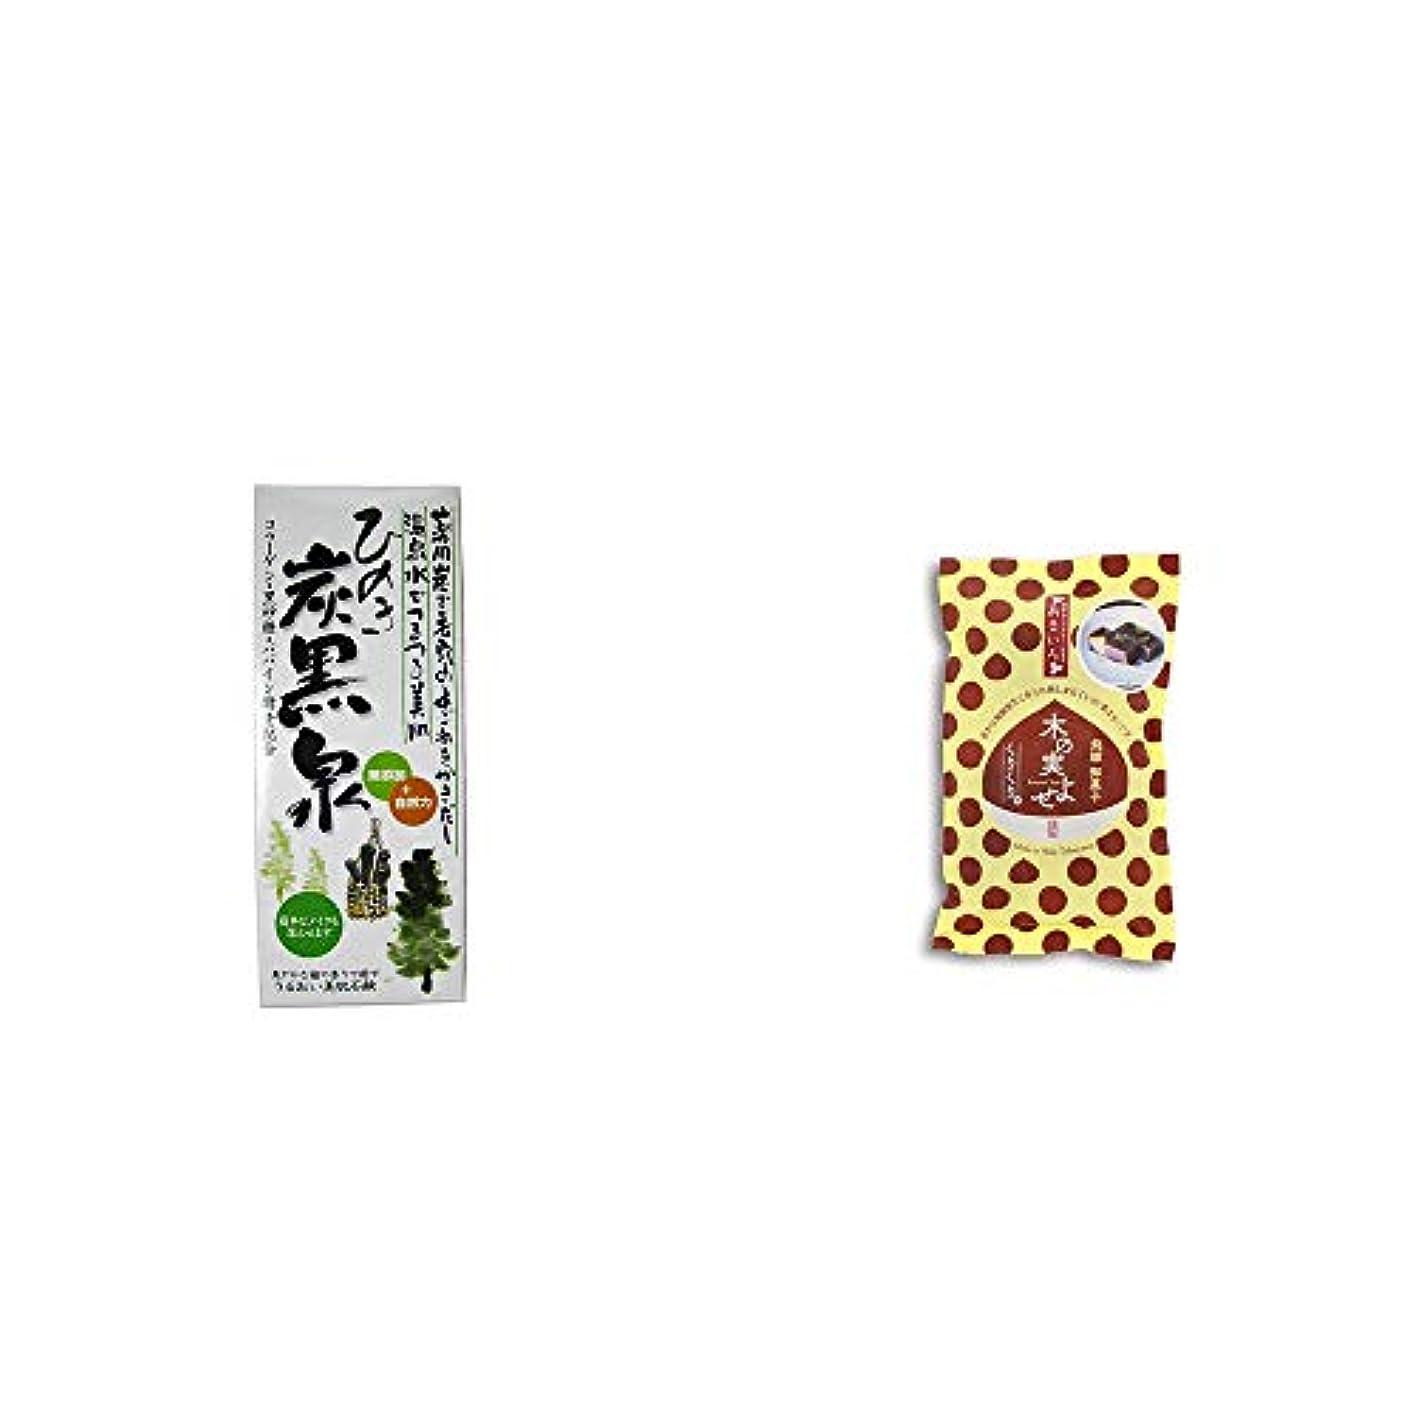 マルコポーロ計算するキャロライン[2点セット] ひのき炭黒泉 箱入り(75g×3)?木の実よせ くりくり味(5個入)